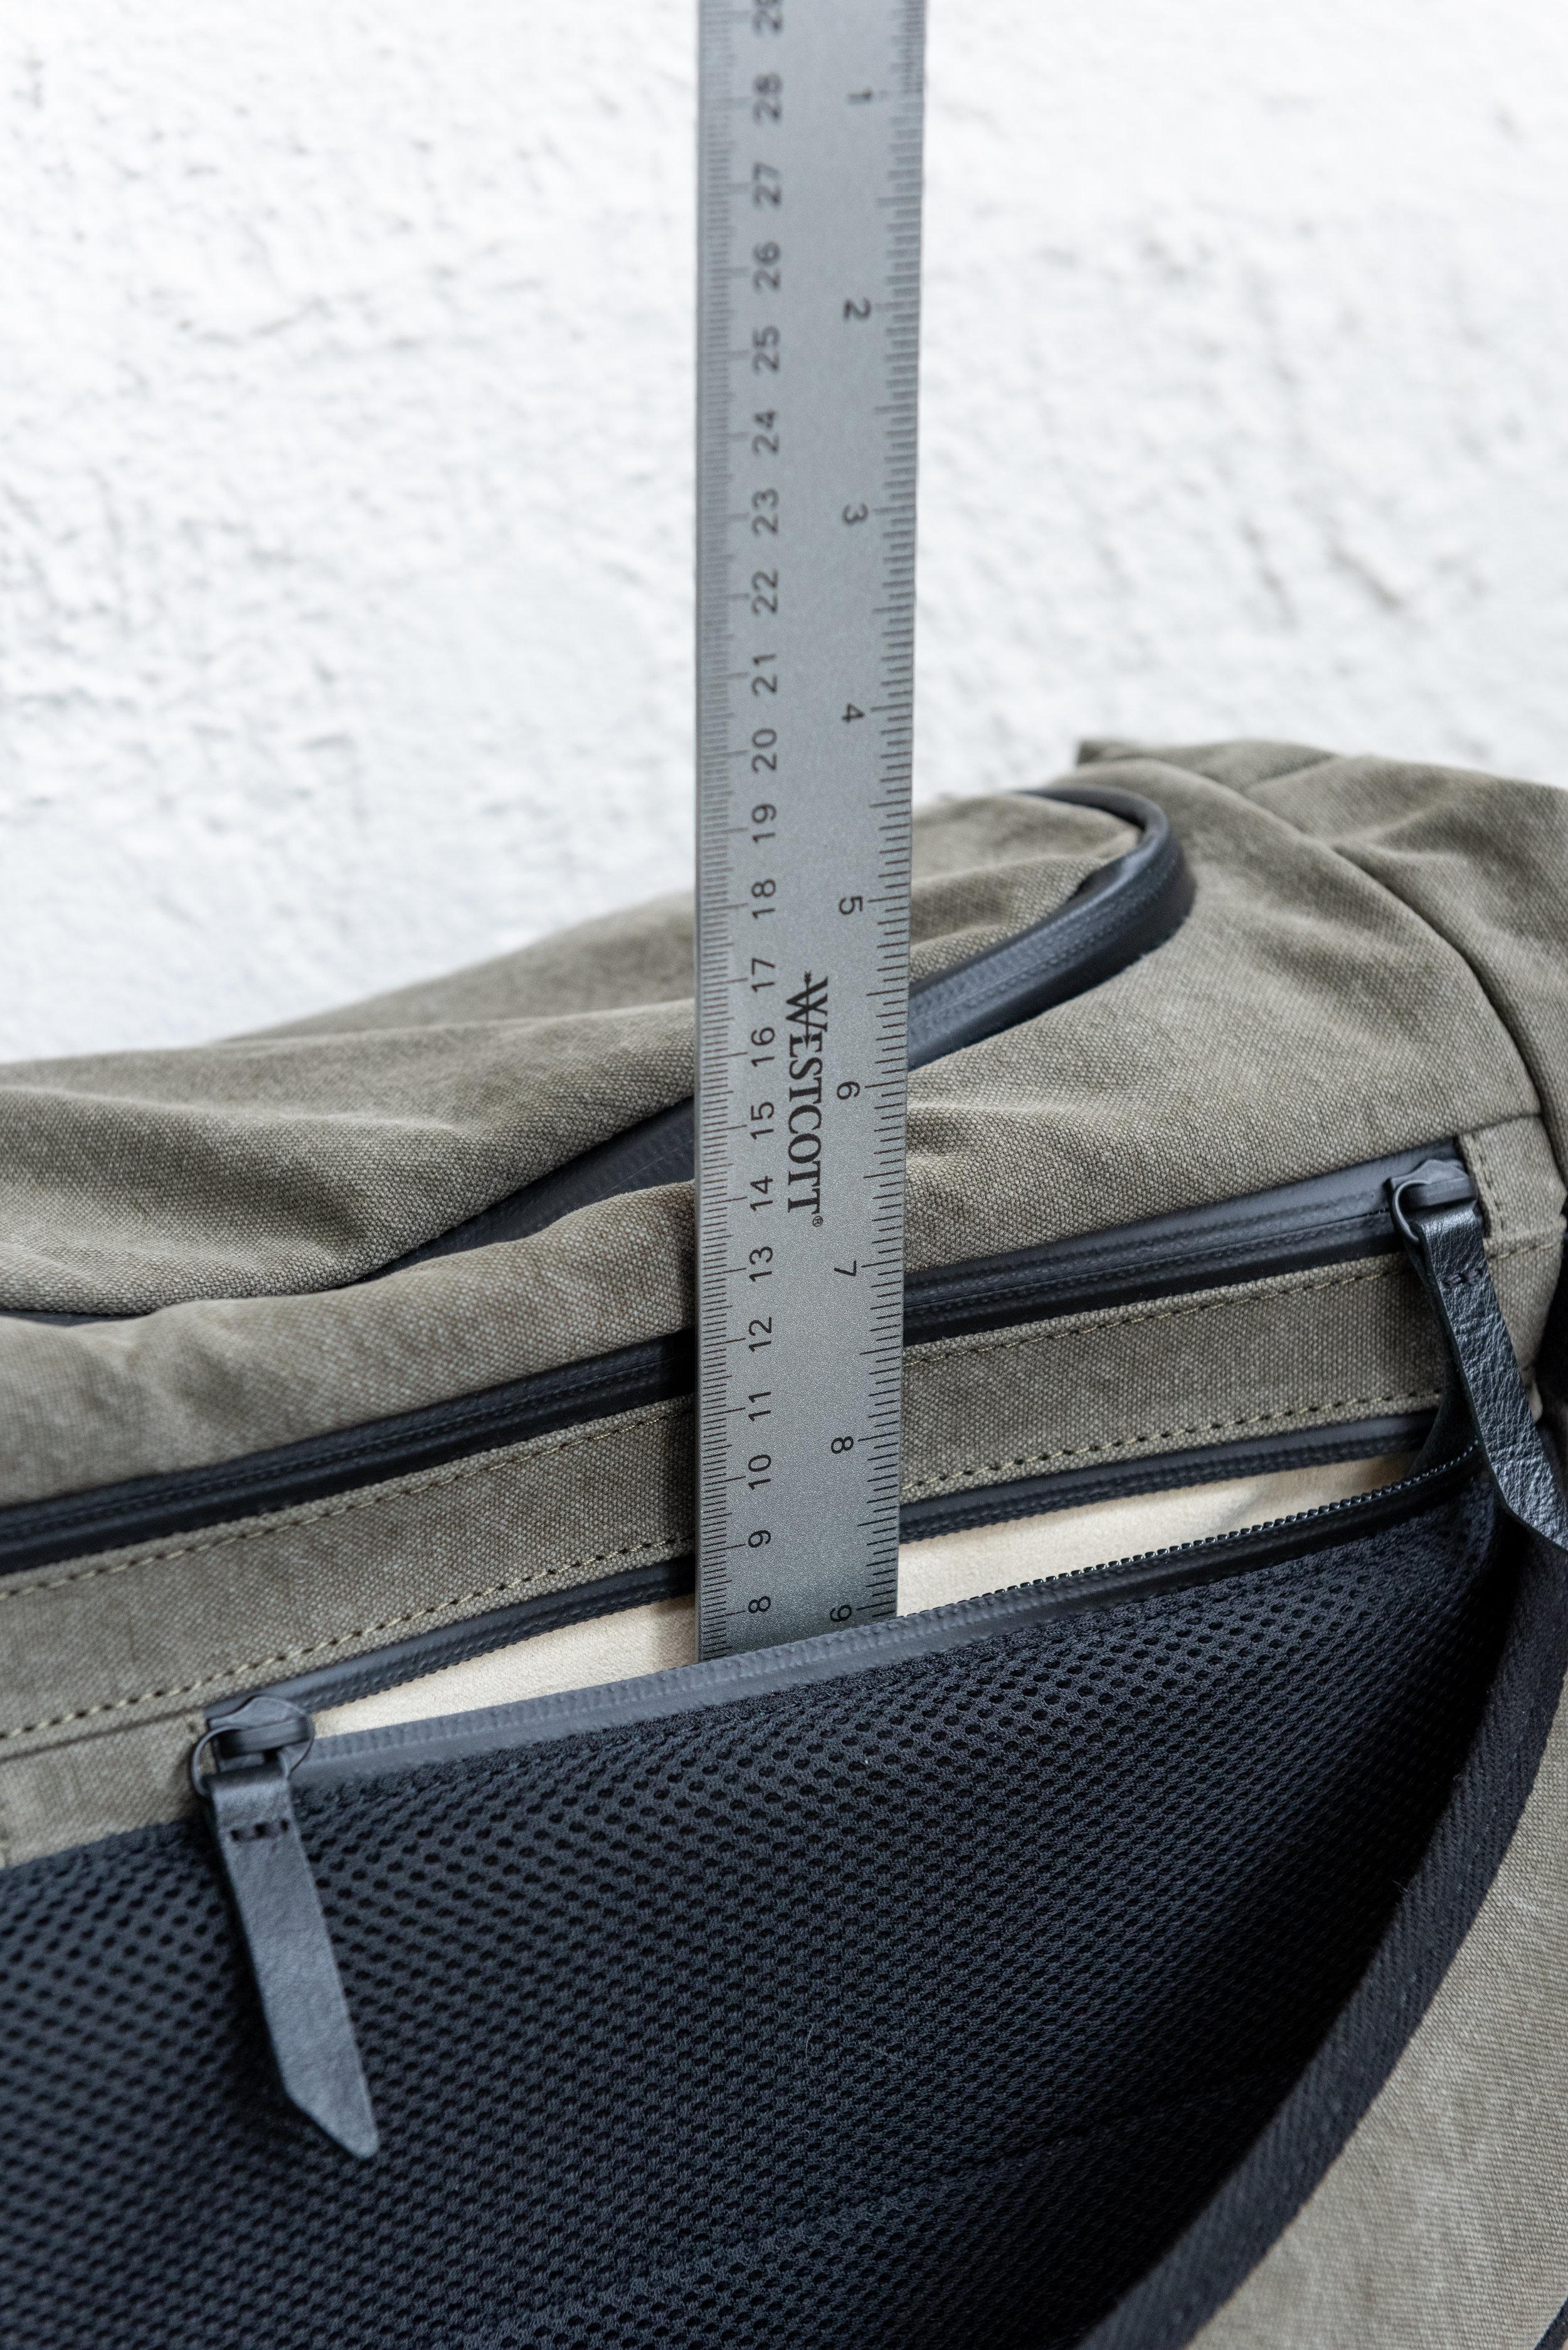 Upper back your right shoulder pocket